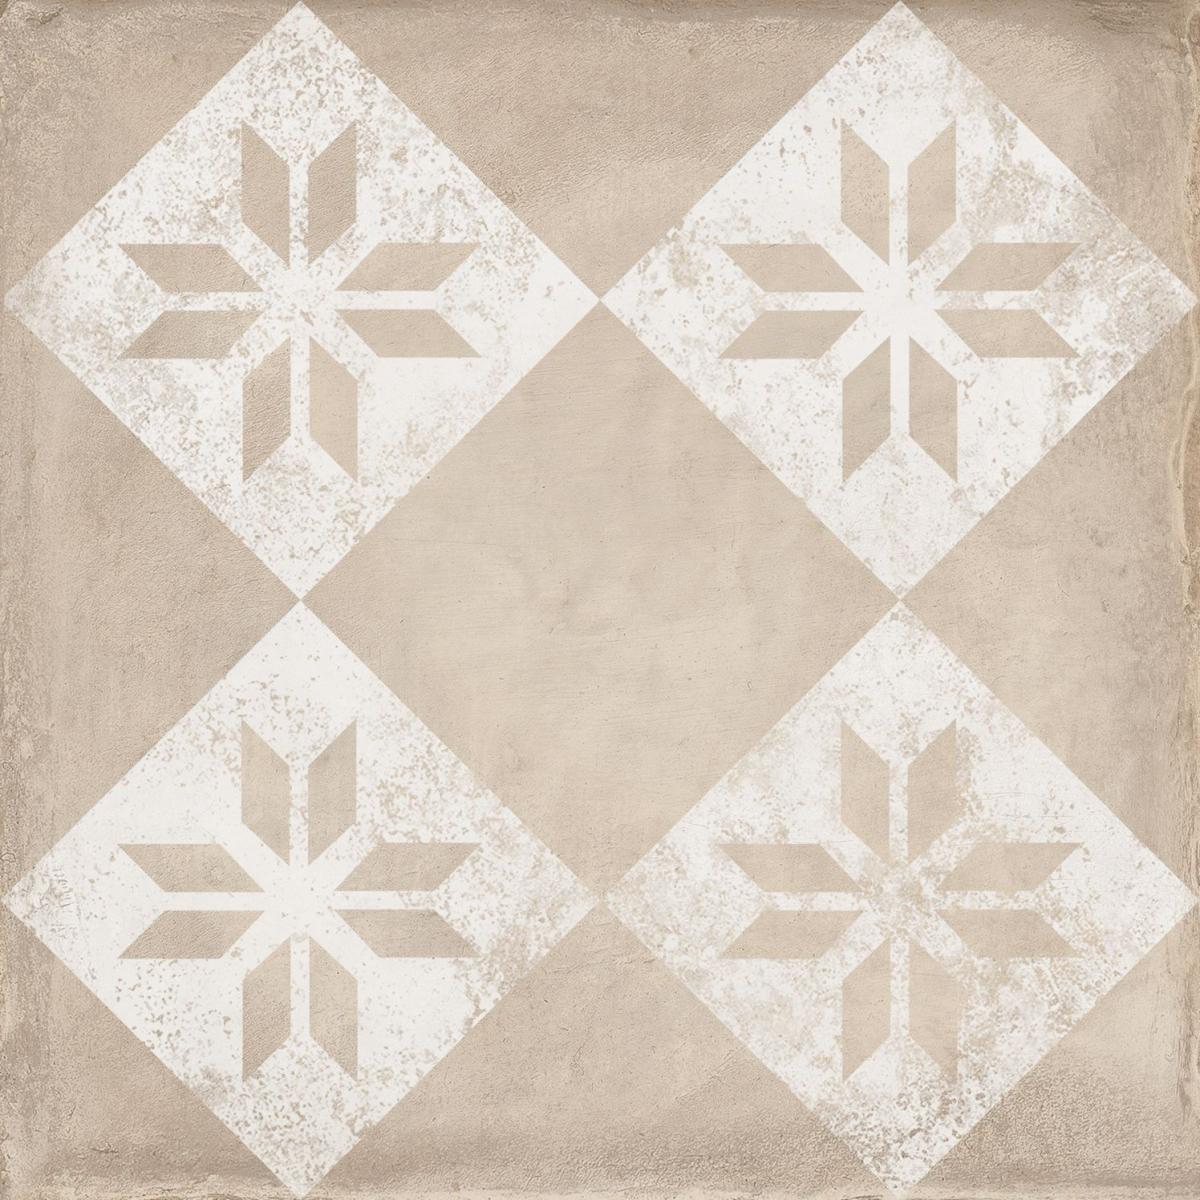 Triana Classic beige 25x25